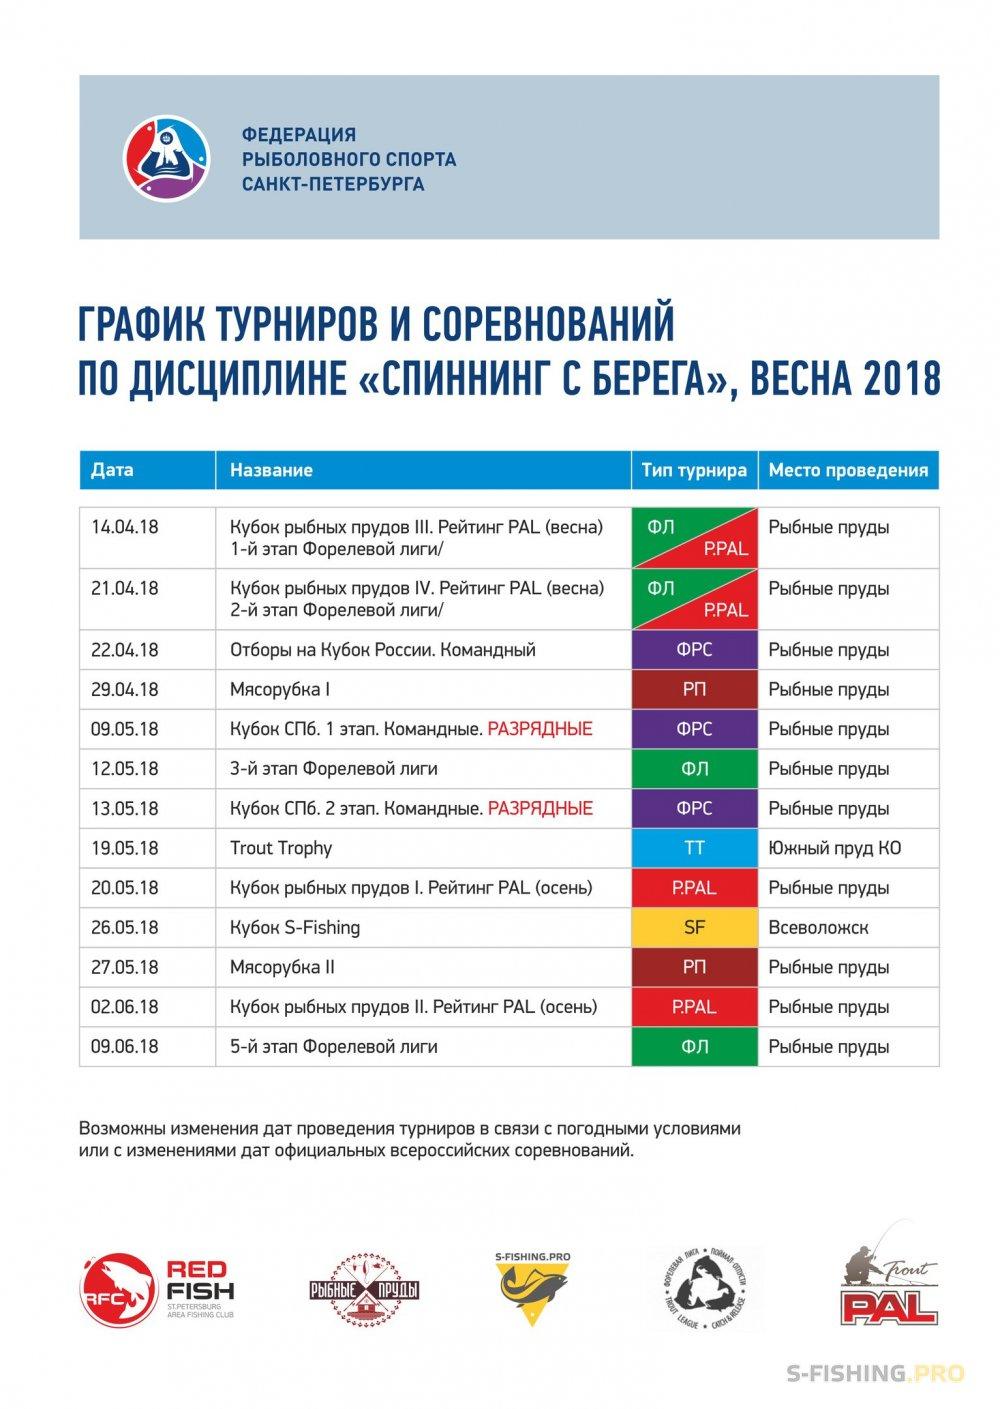 Мероприятия: Внесены изменения в график турниров по дисциплине